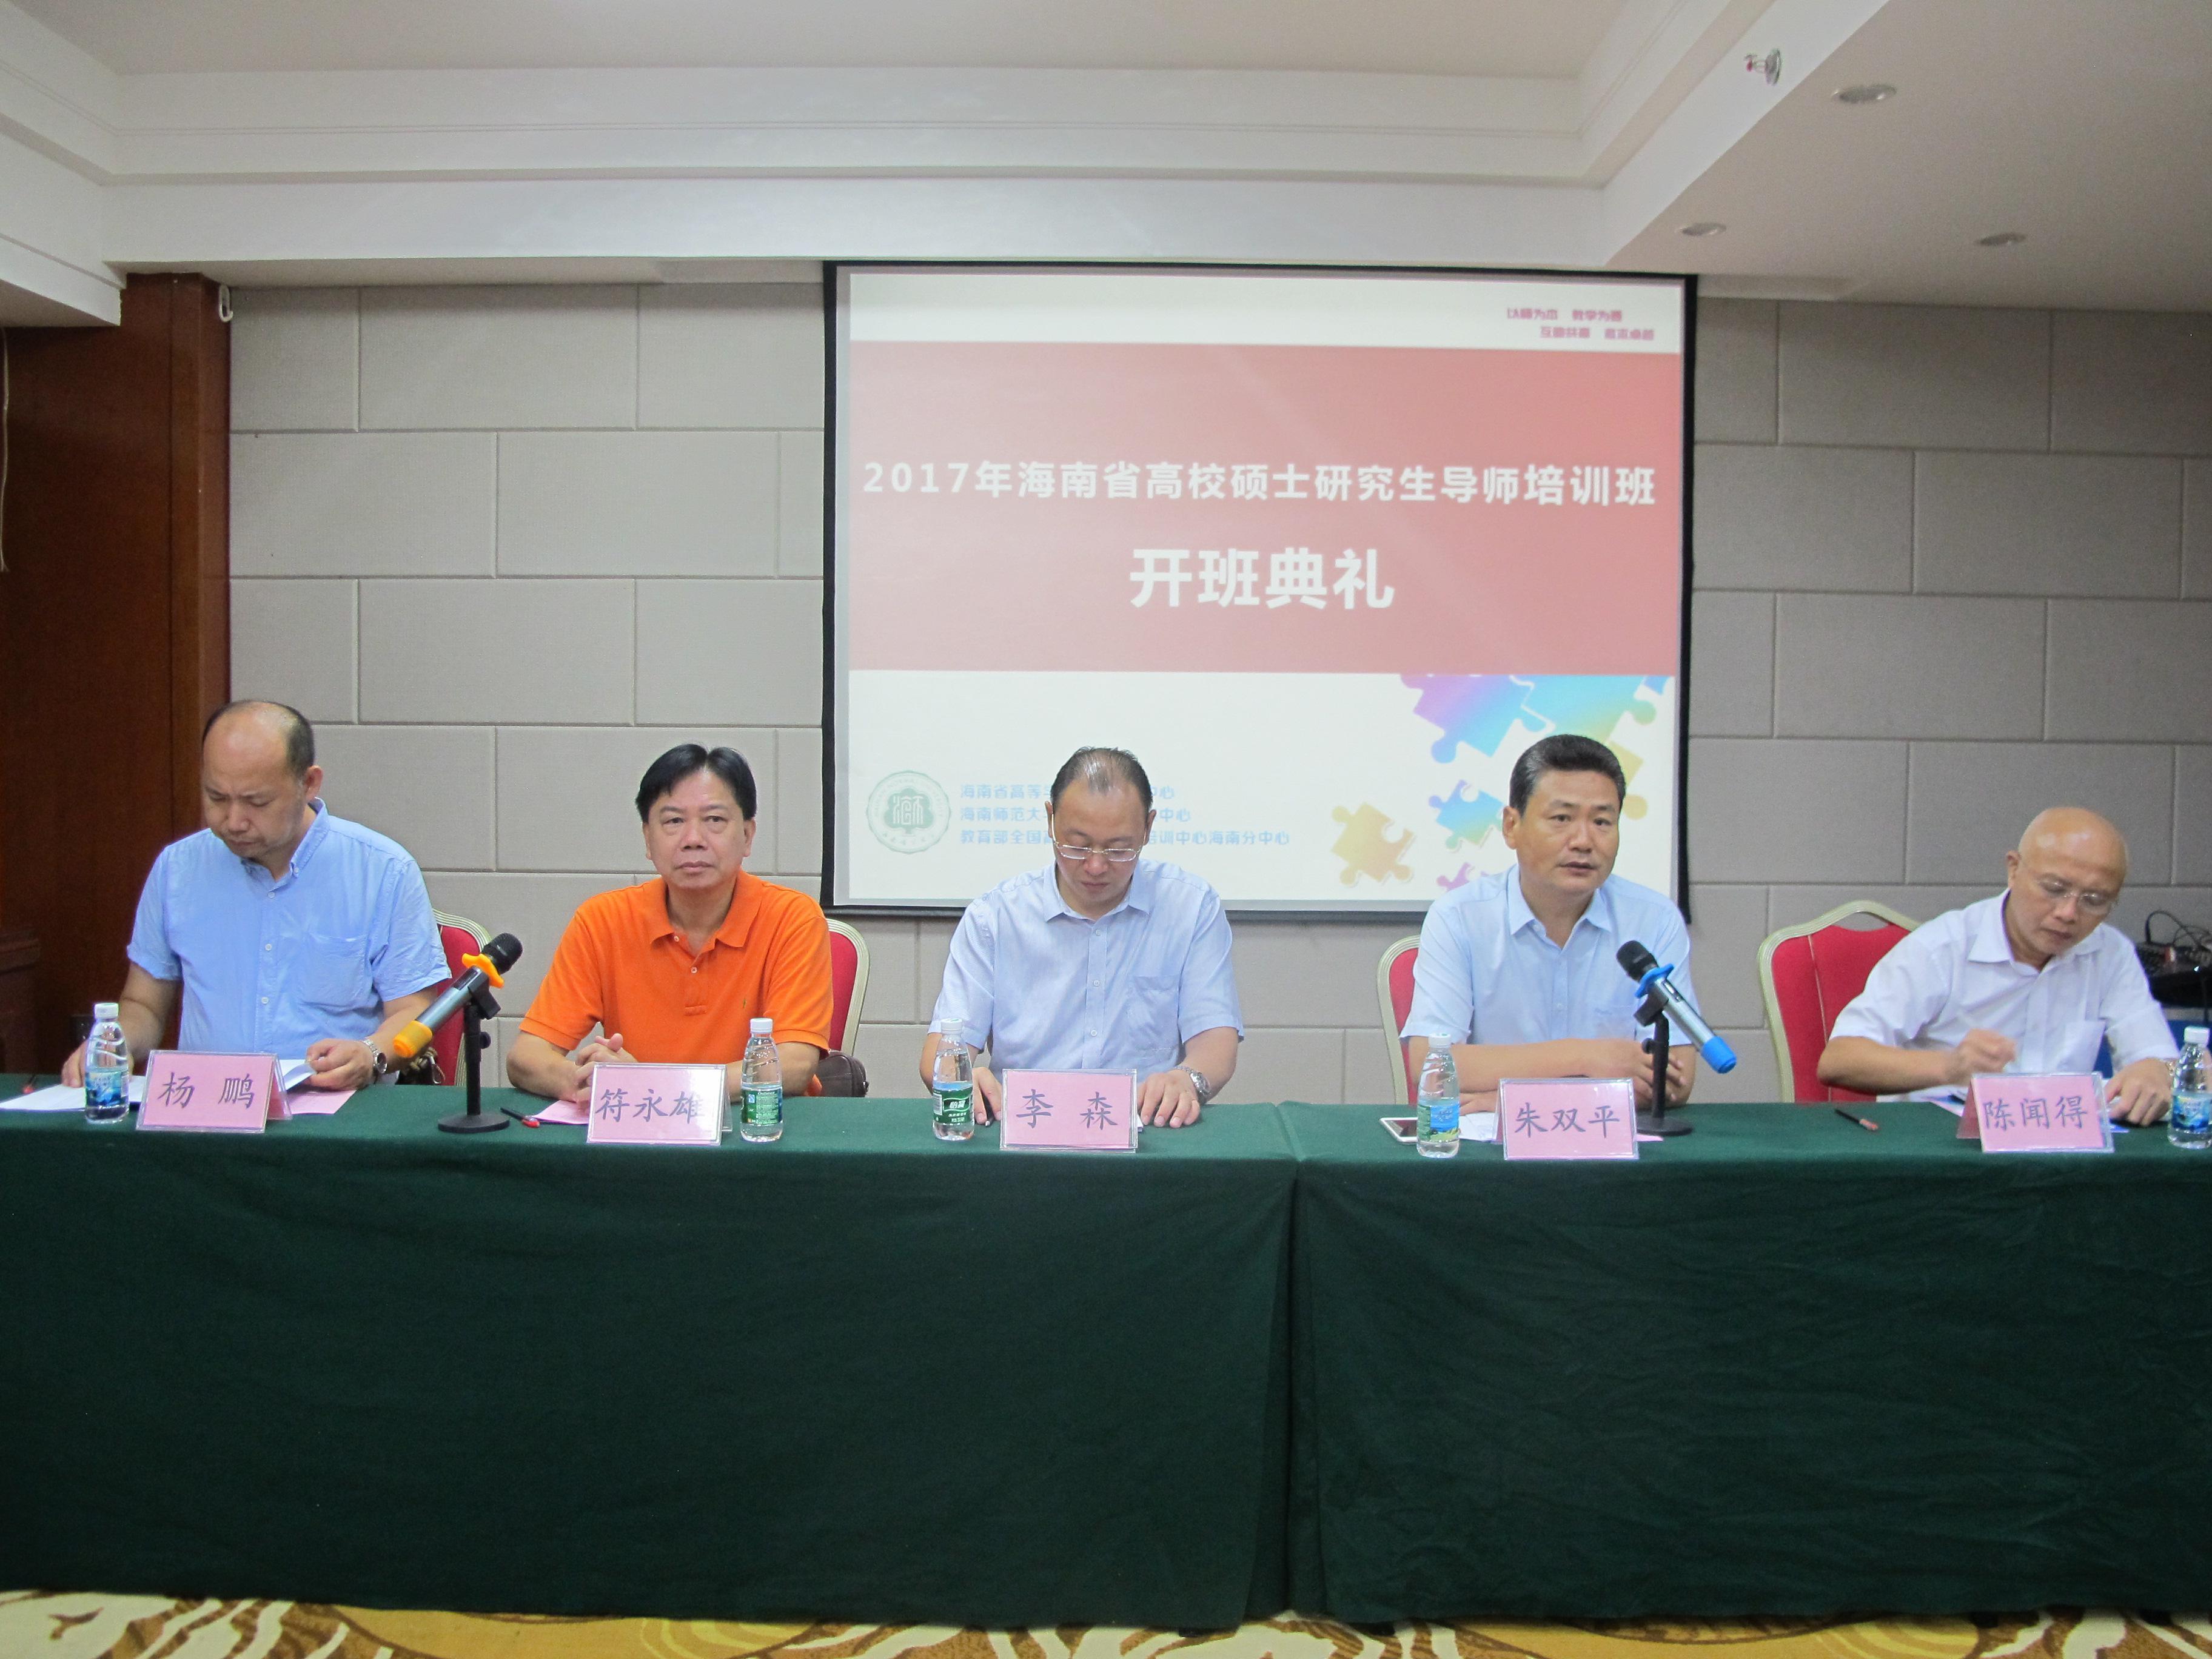 2017年海南省高校硕士研究生导师培训班开班典礼顺利举行